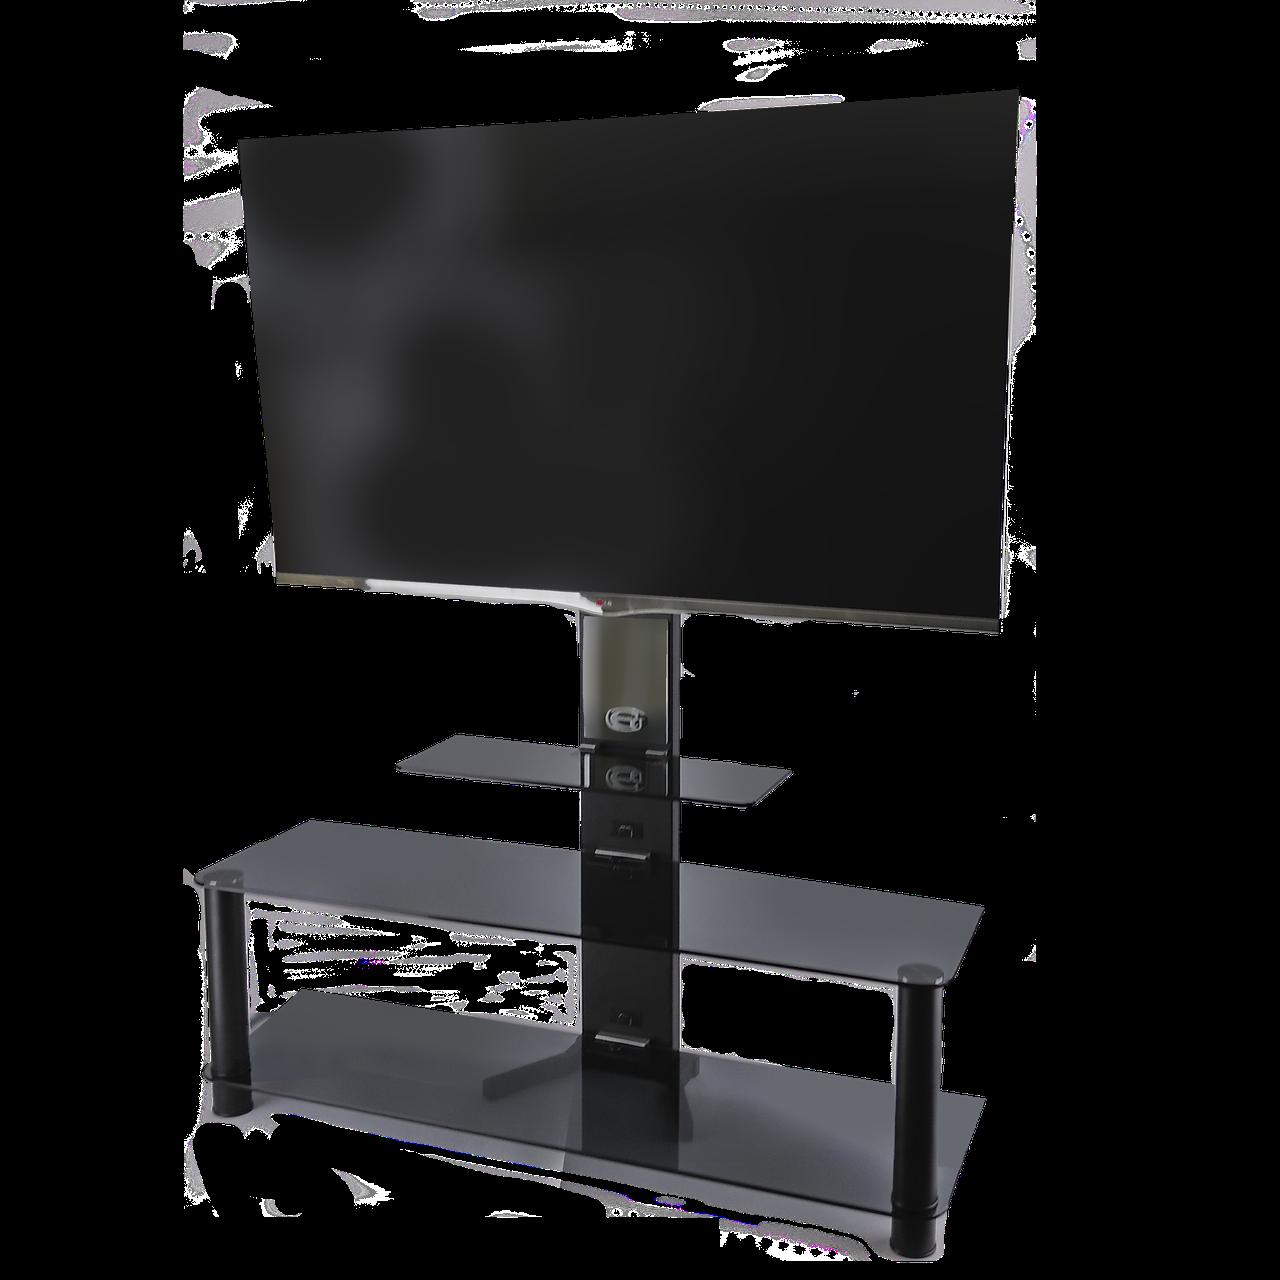 Тумба под телевизор Commus Универсал ASK 1250 (1250х420х1250)